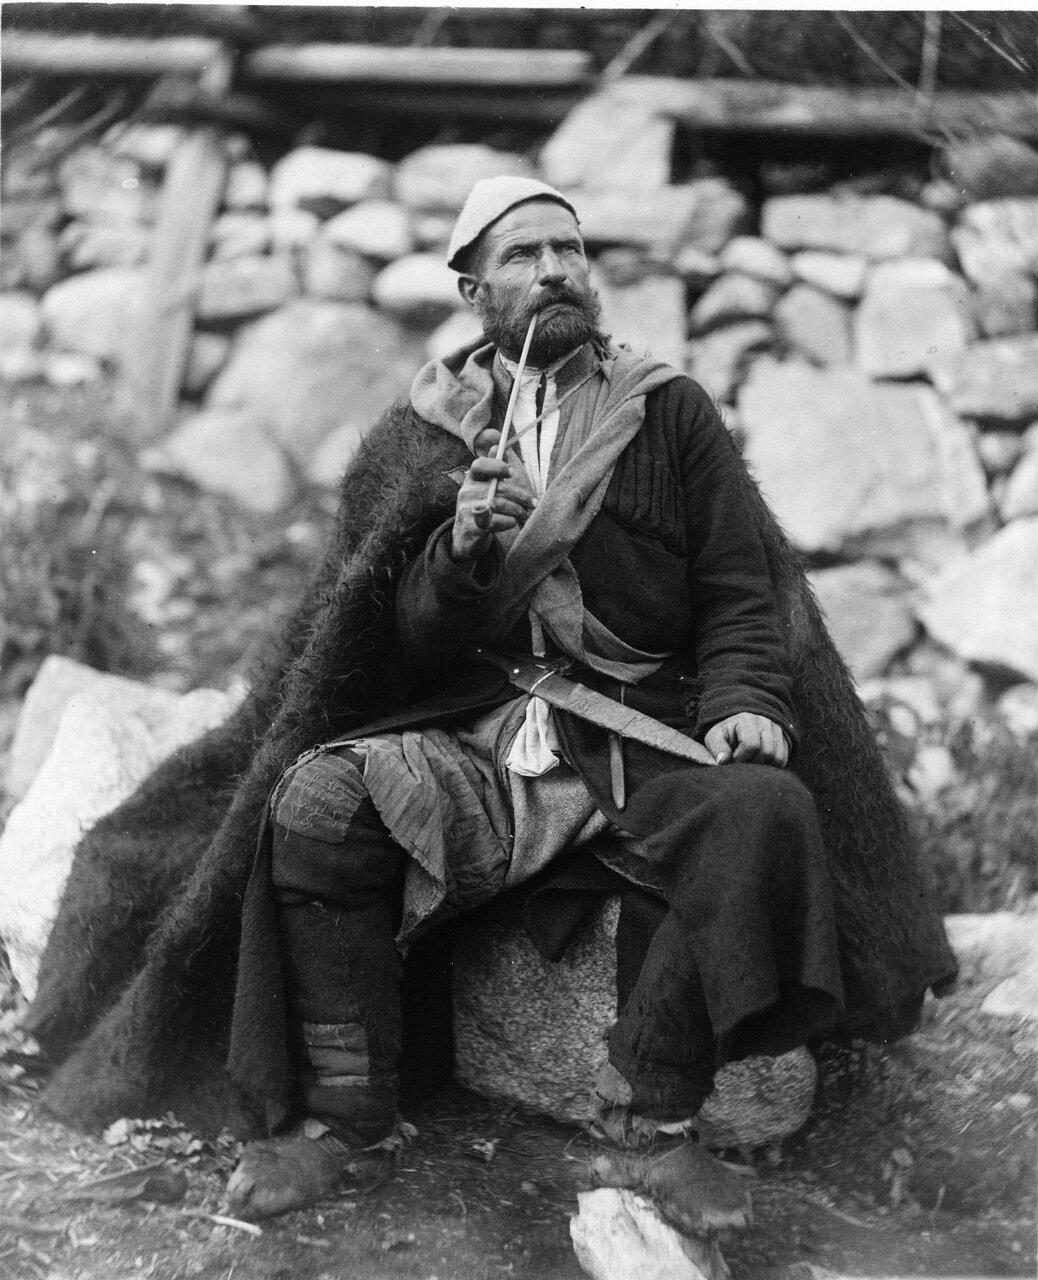 Портрет грузинского мужчины